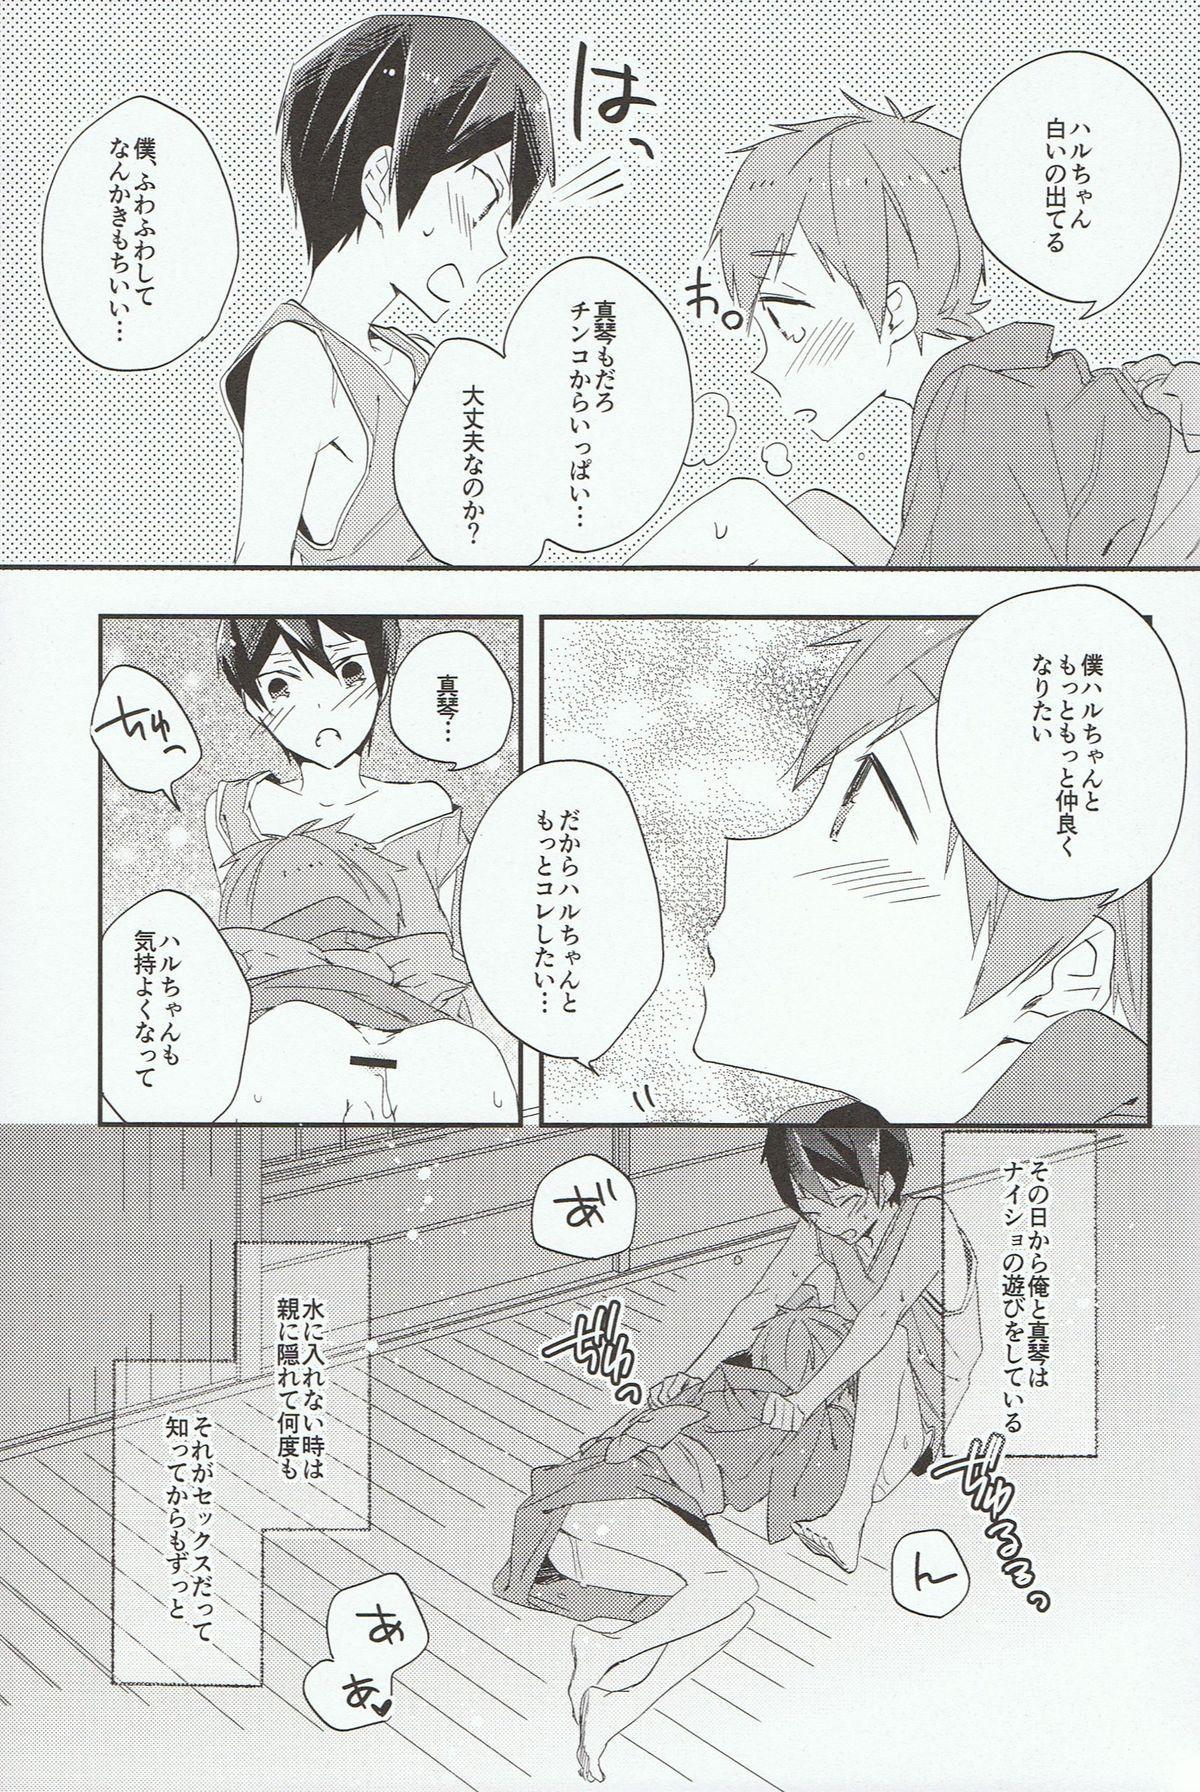 Iwatobi SC Seichou Log 24